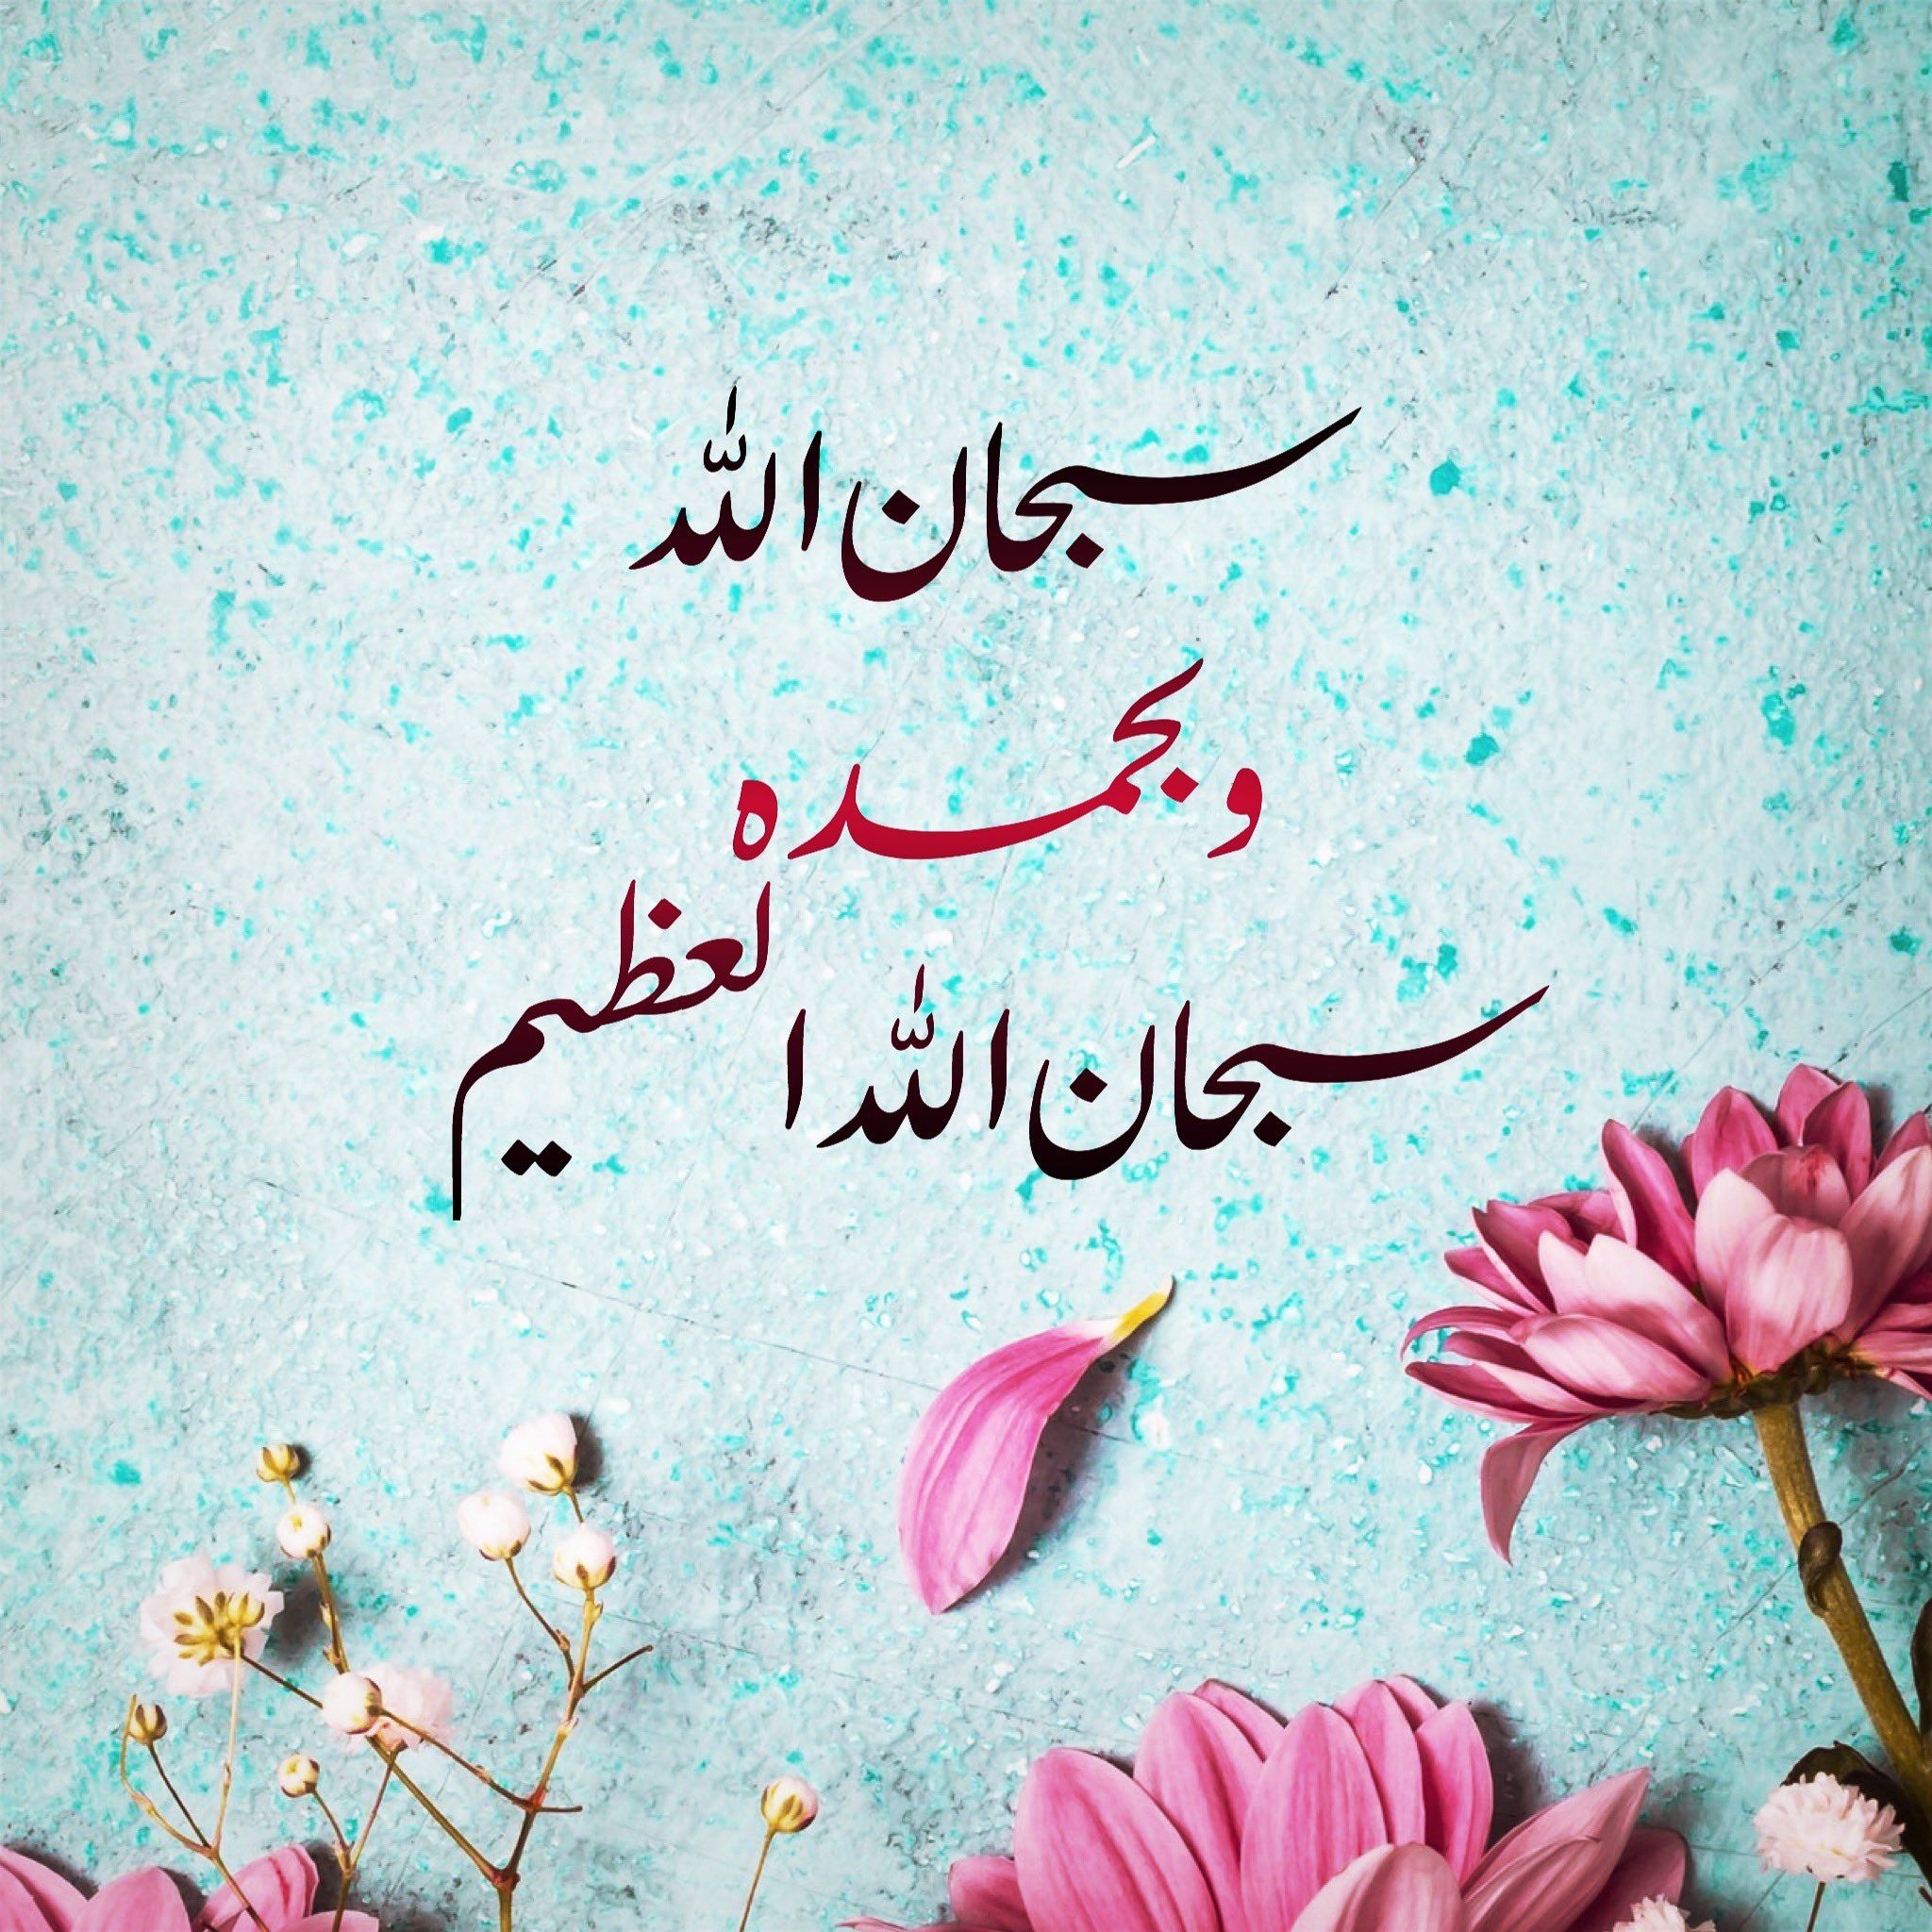 سبحان الله وبحمده سبحان الله العظيم Arabic Love Quotes Doa Islam Islam